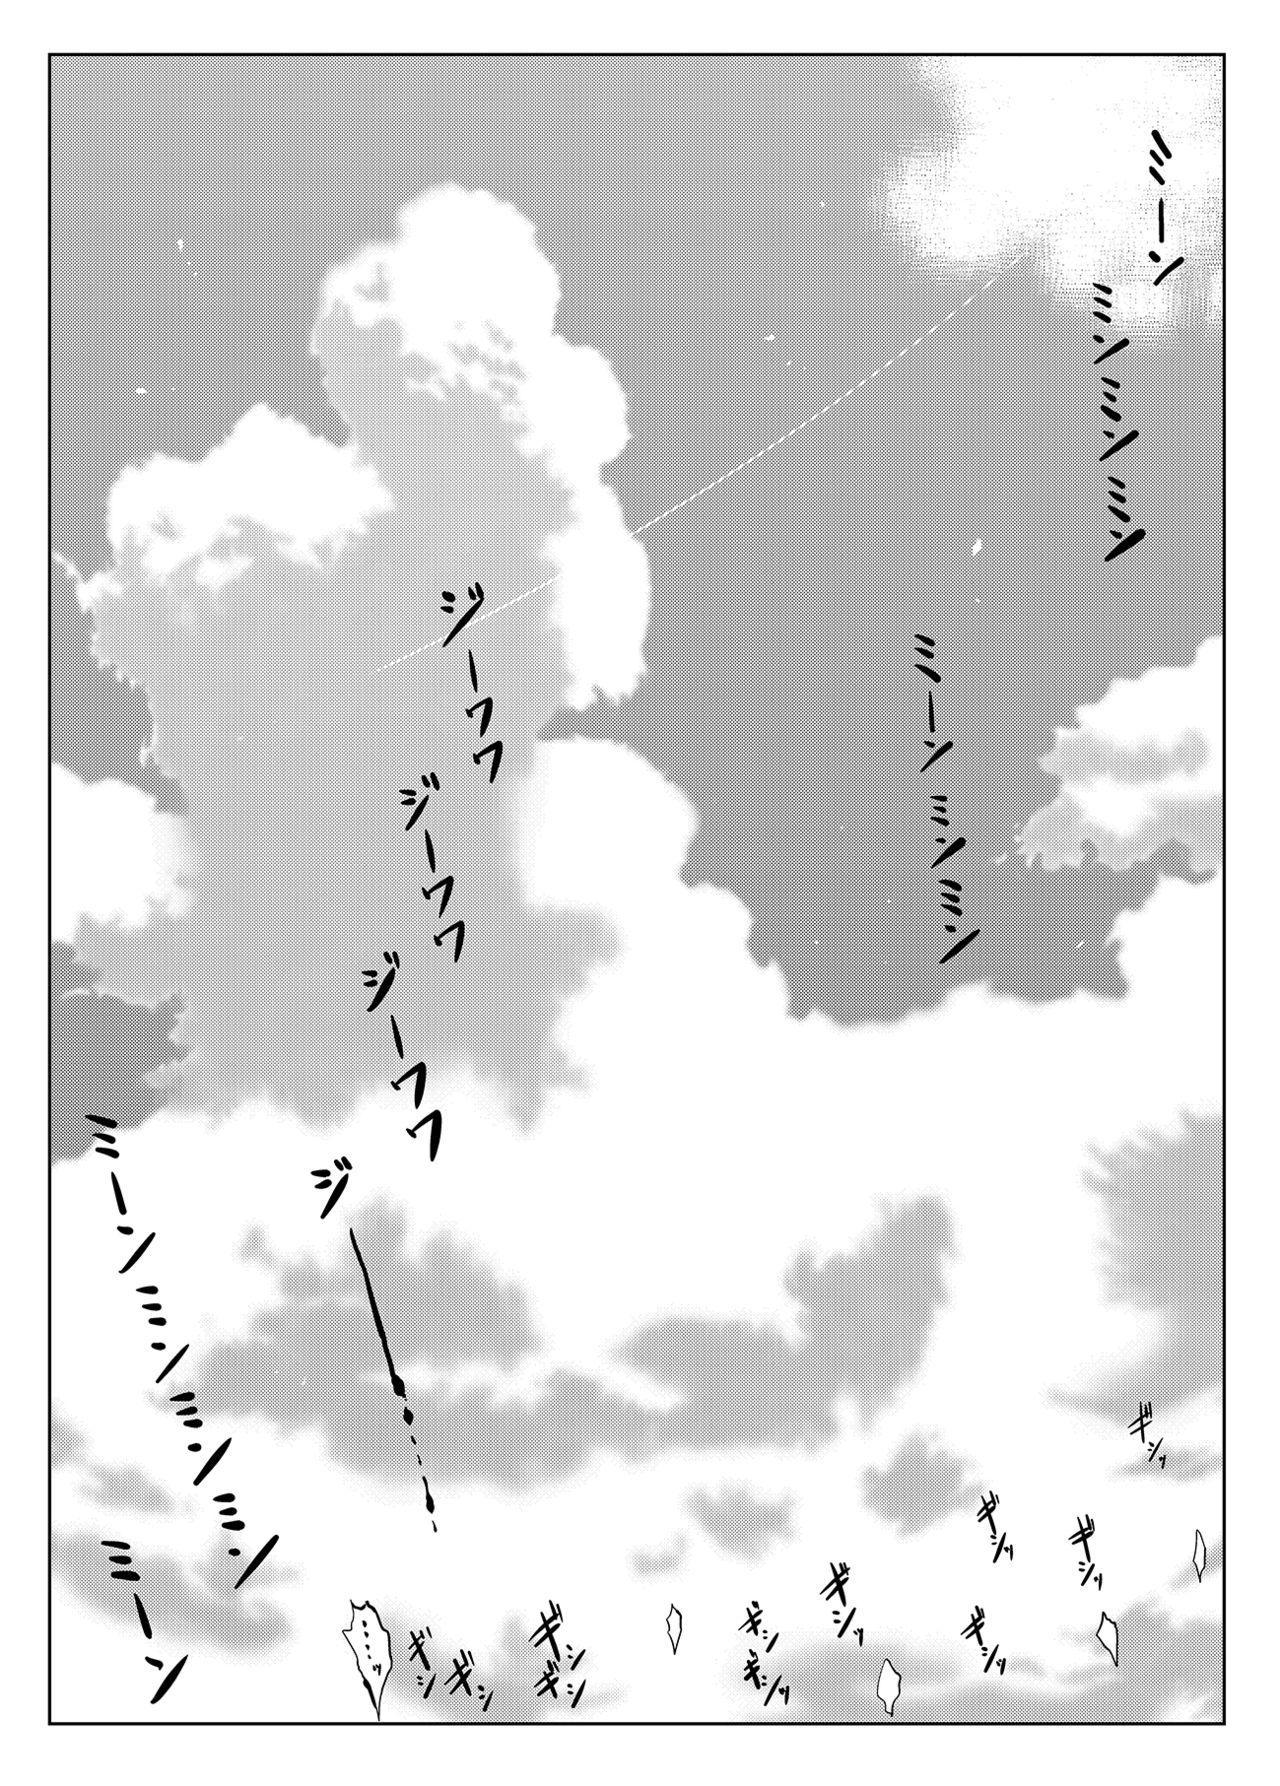 Mukashi kara Baka ni Shiteita Itoko no Kanninbukuro no O ga Kireta Kekka, Futarikiri no Semai Shanai de Karada o Moteasobareta Natsu no Hi no Koto. 51